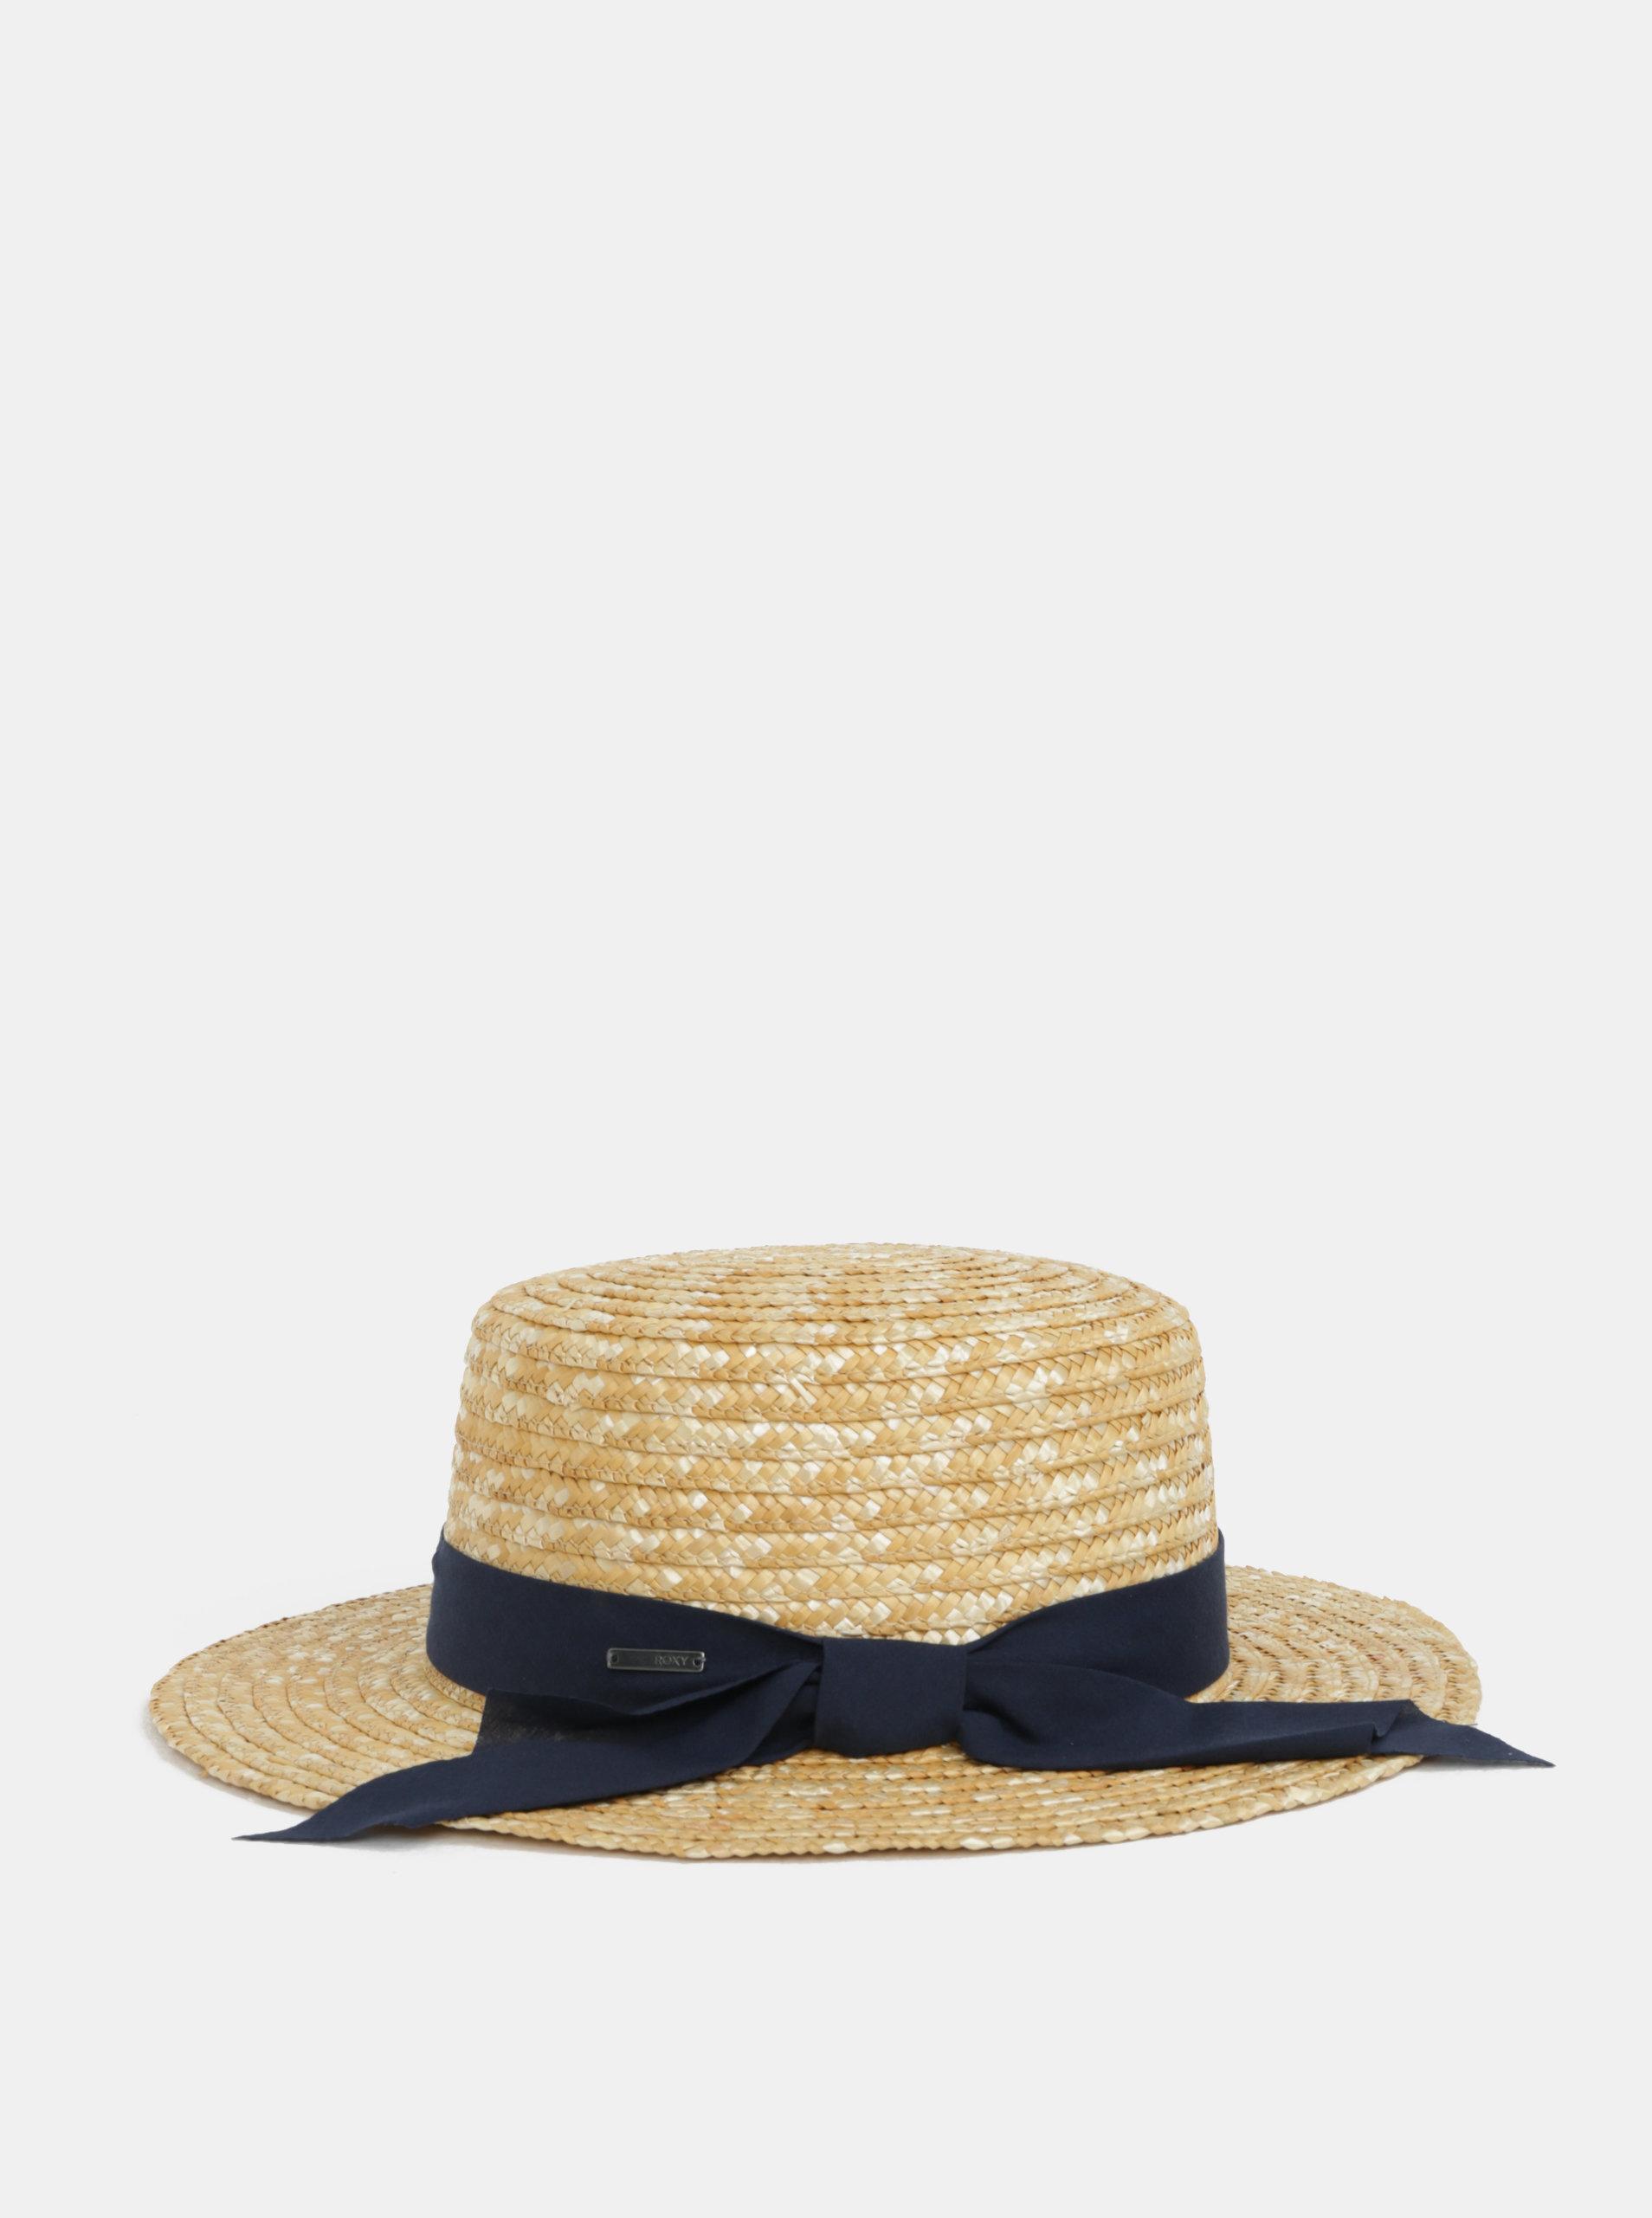 Světle hnědý dámský klobouk s modrou stuhou Roxy Dre Like ... e8a33ad3ee